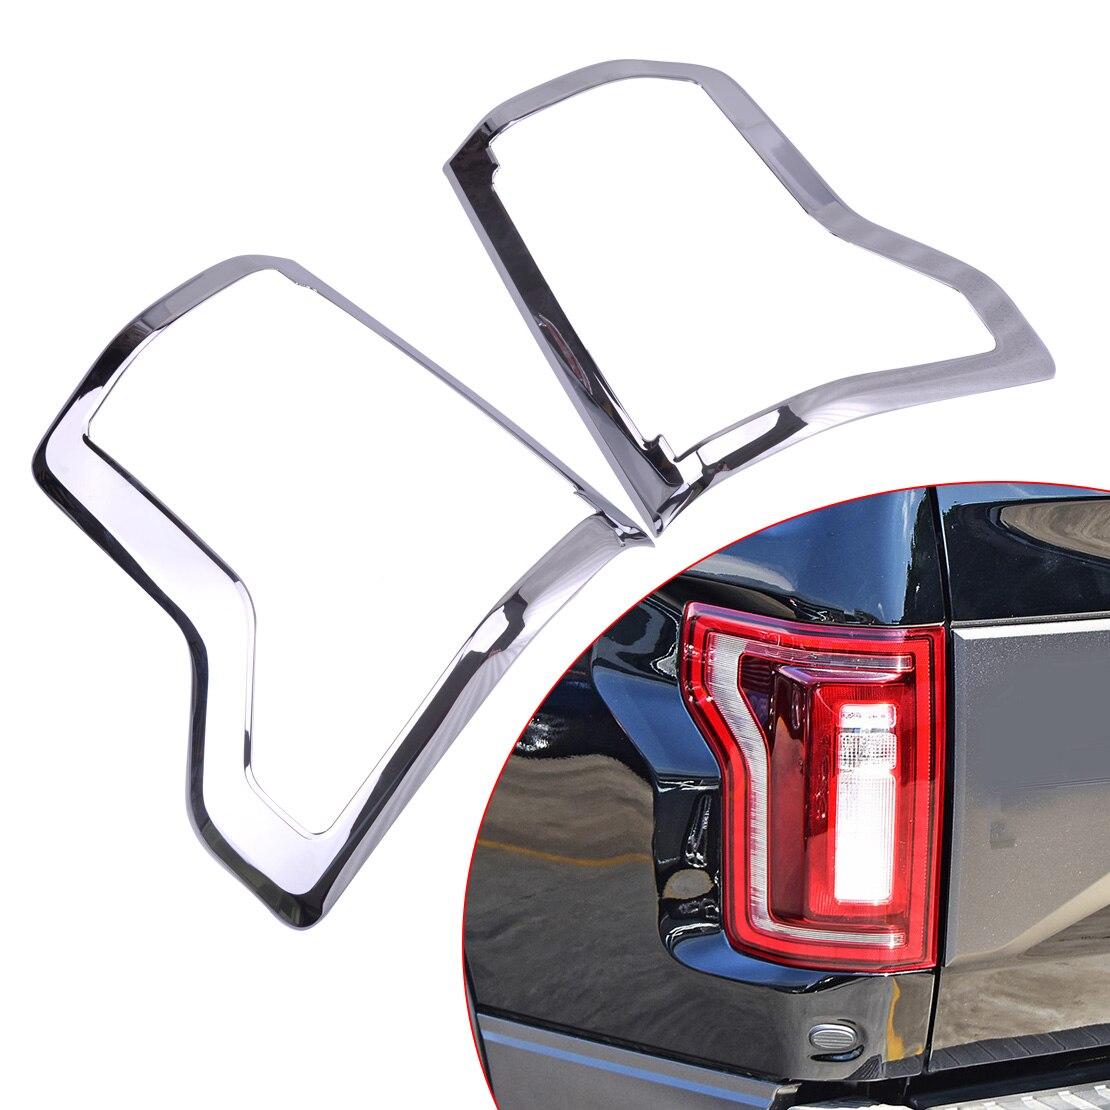 DWCX Jumelé Chrome feu arrière Lampe Pare-chocs Capot Couverture Garniture Lunette Cadre Moulage Garnish idéal pour Ford F150 2015-2019